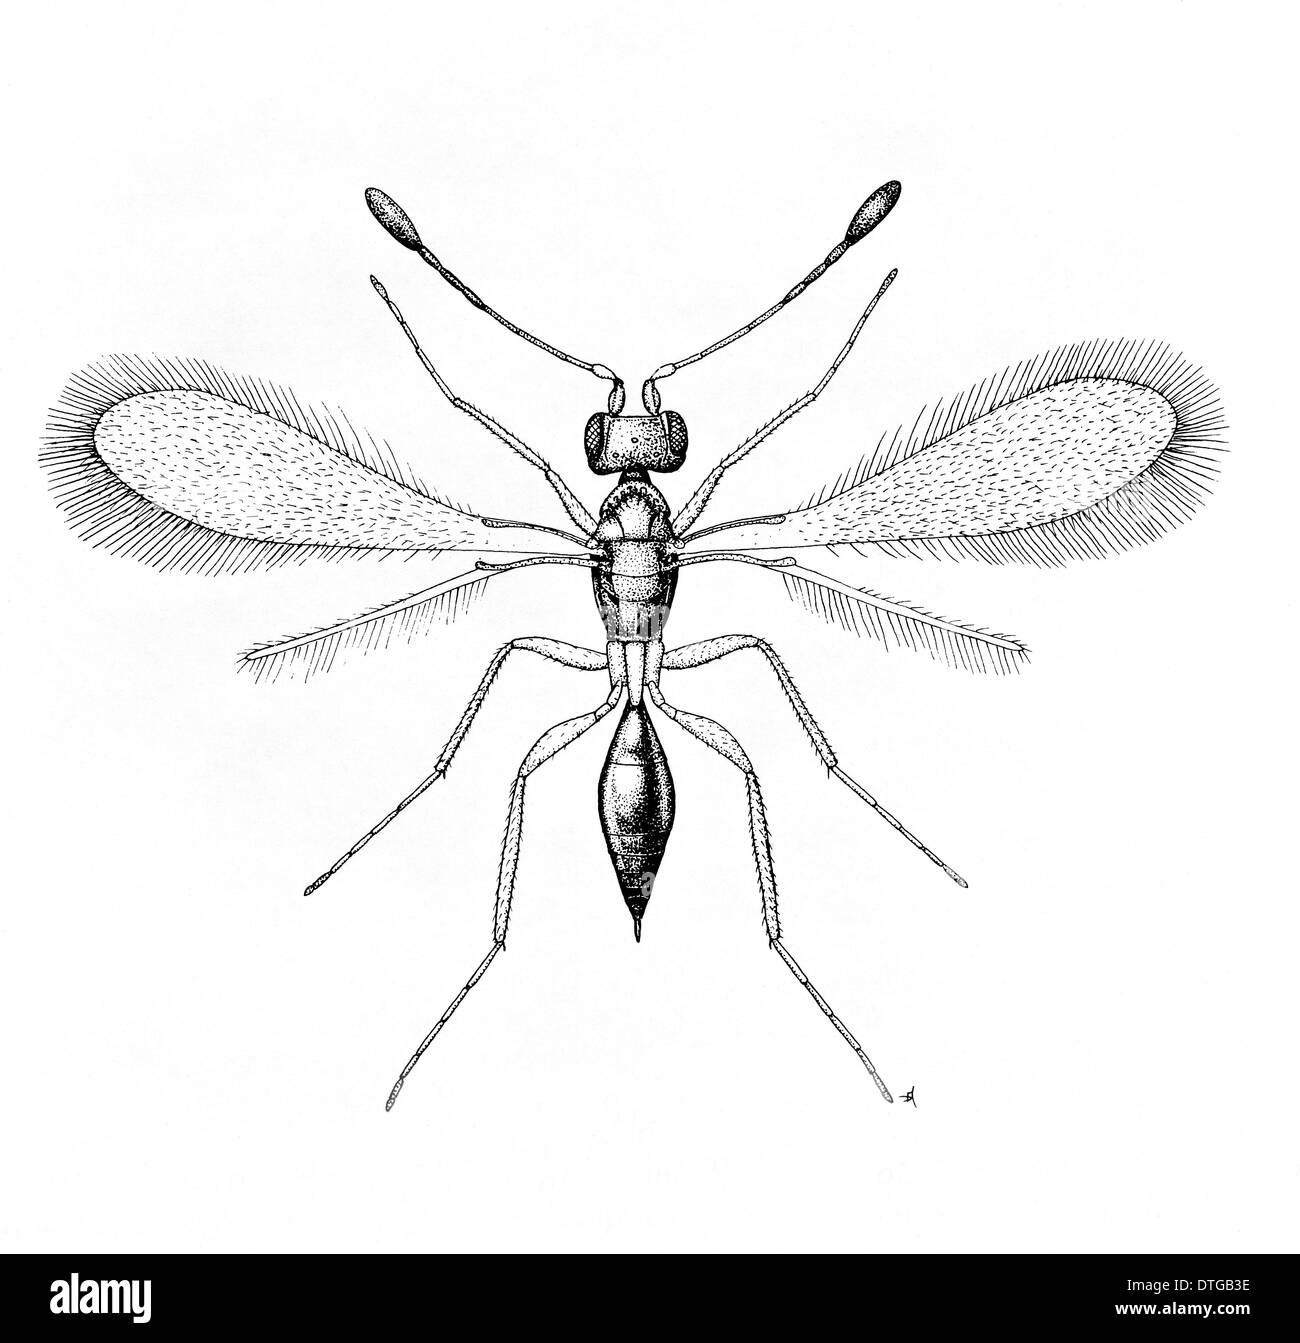 Alaptus magnanimus, conte de fly Photo Stock